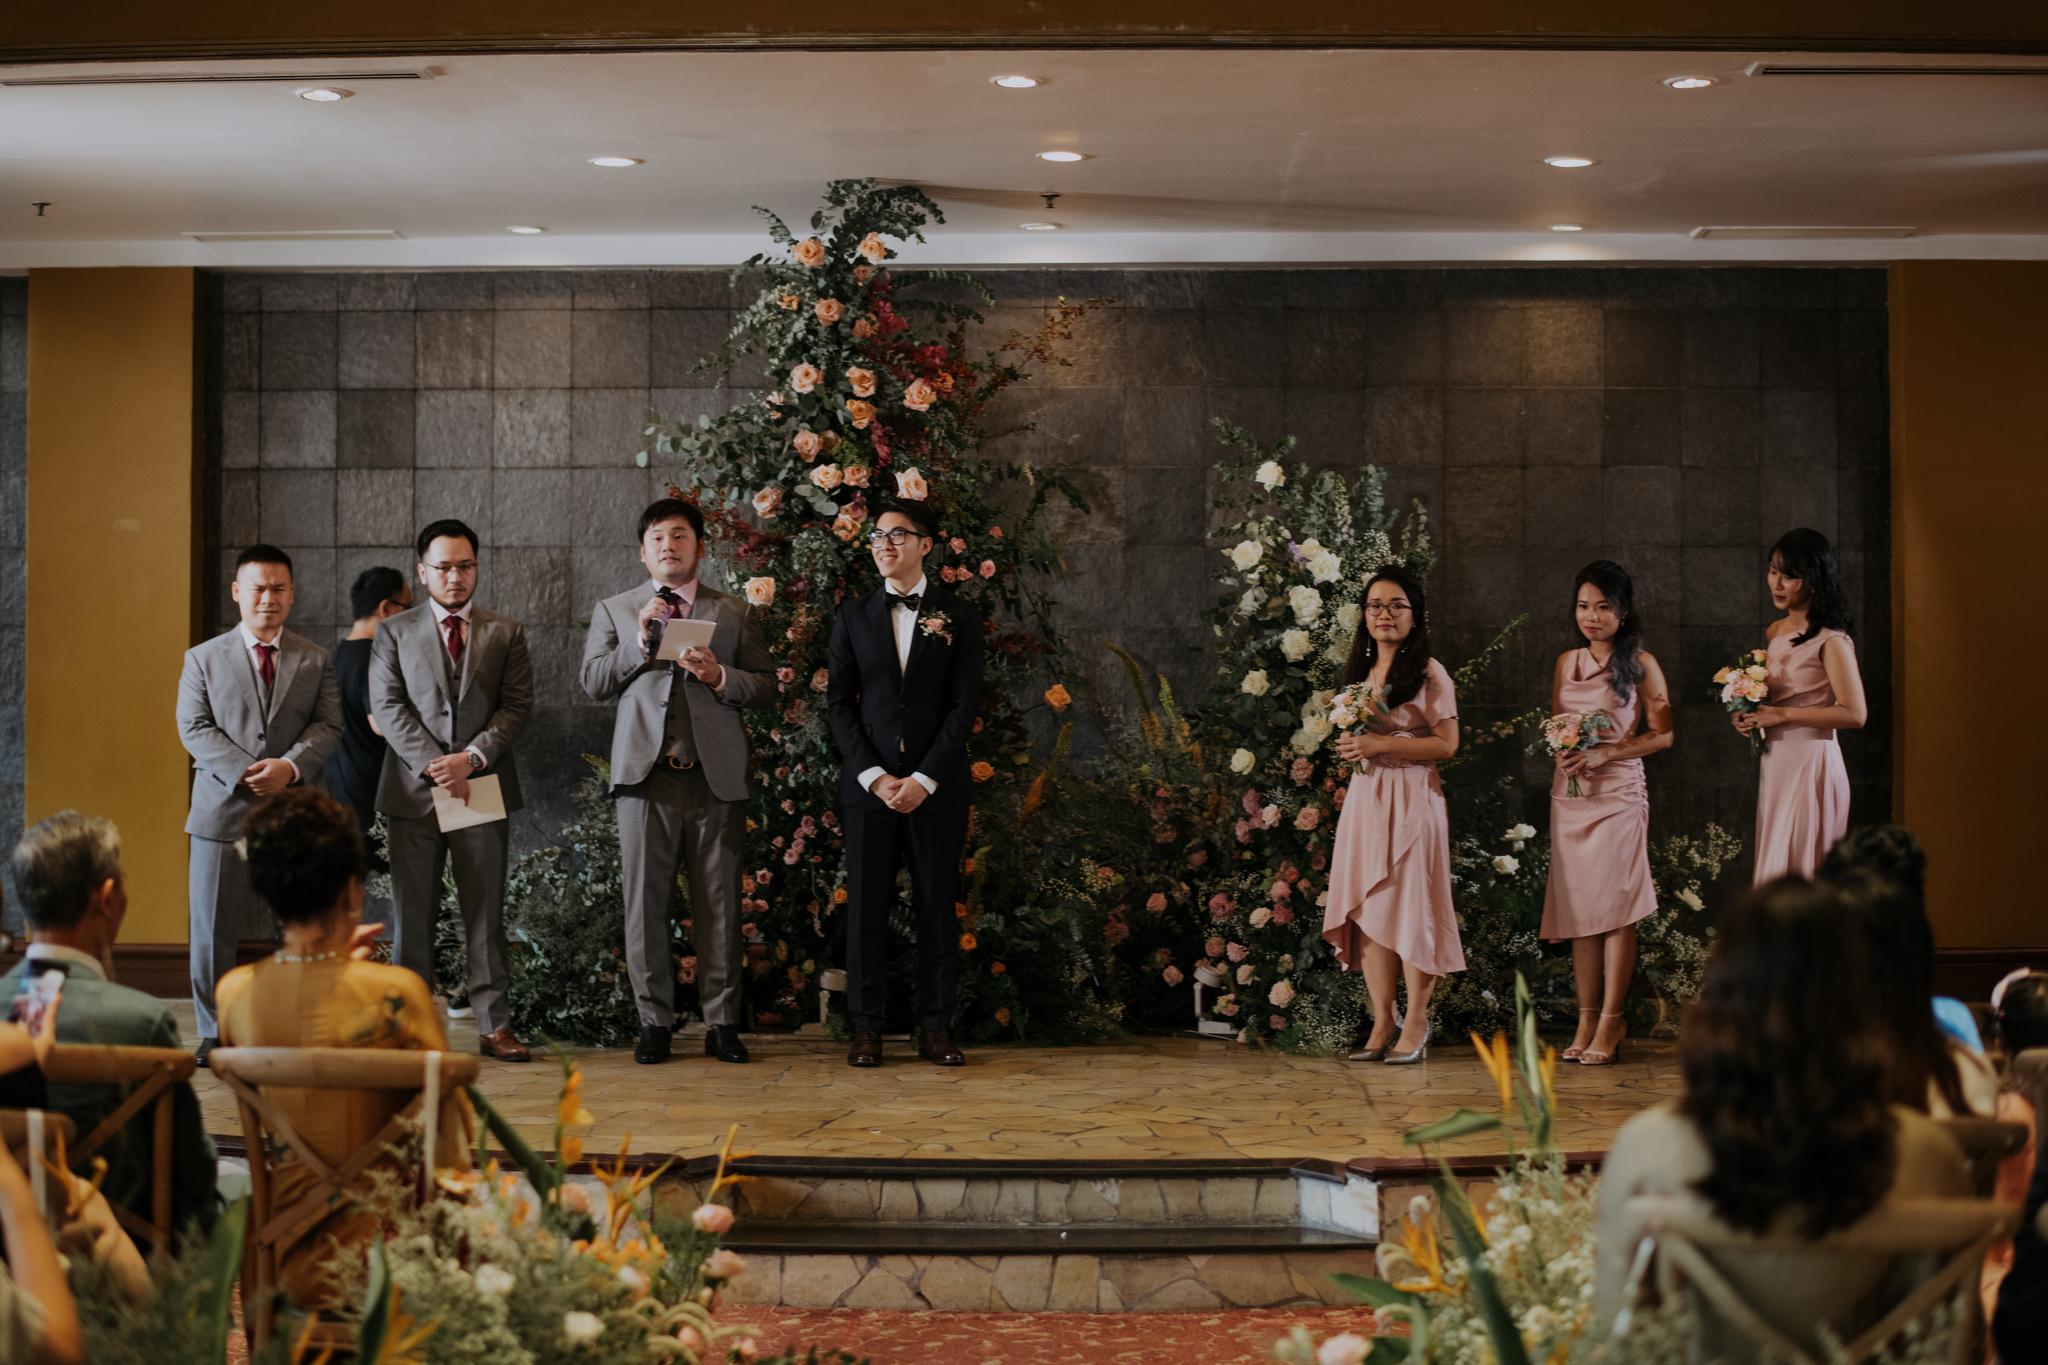 https://huk.s3.amazonaws.com/uploads/image/source/1399/Phuong-Diep-HN-Ceremony-1-0419.JPG